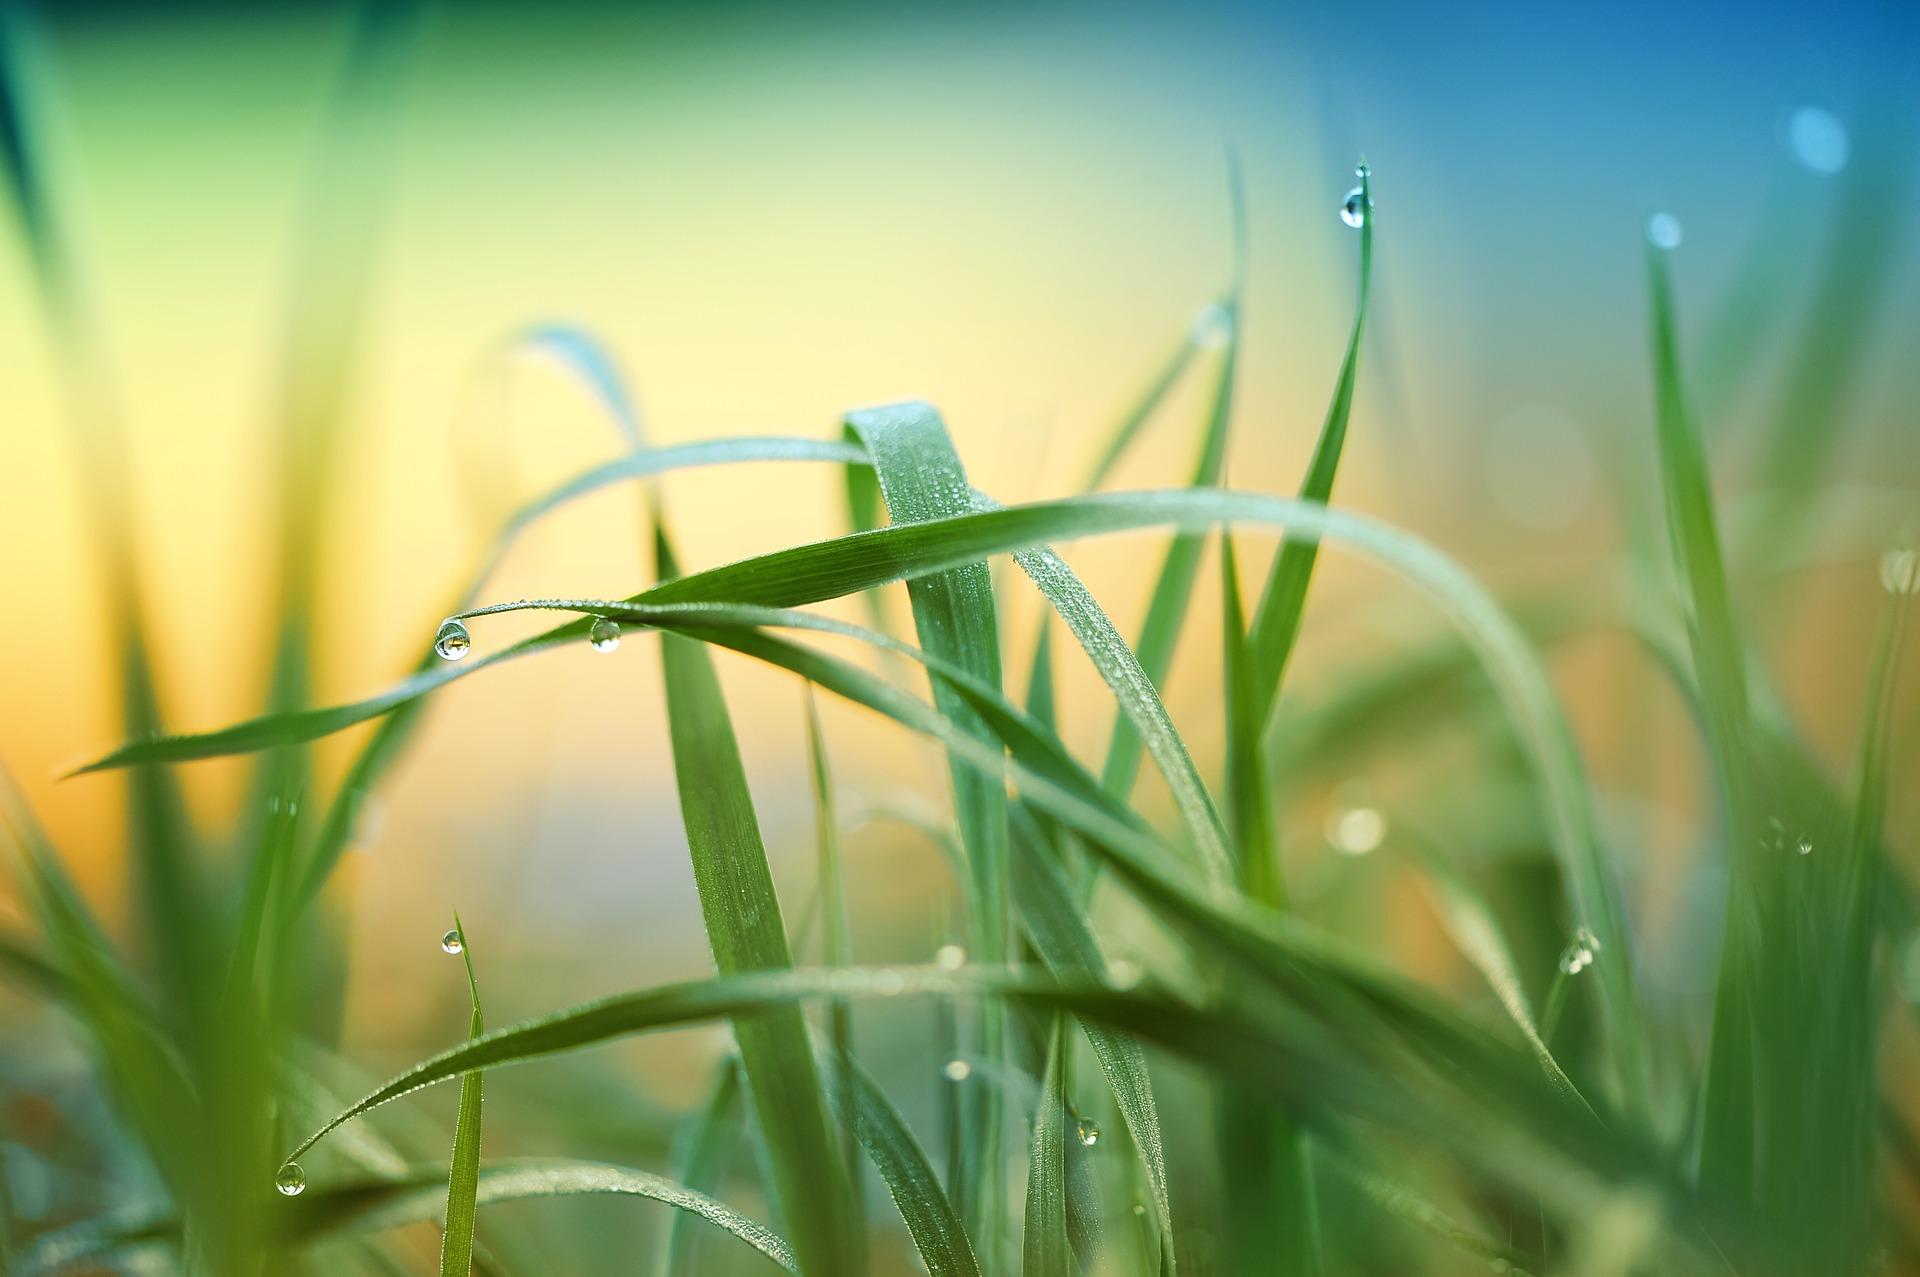 grass-3274686_1920